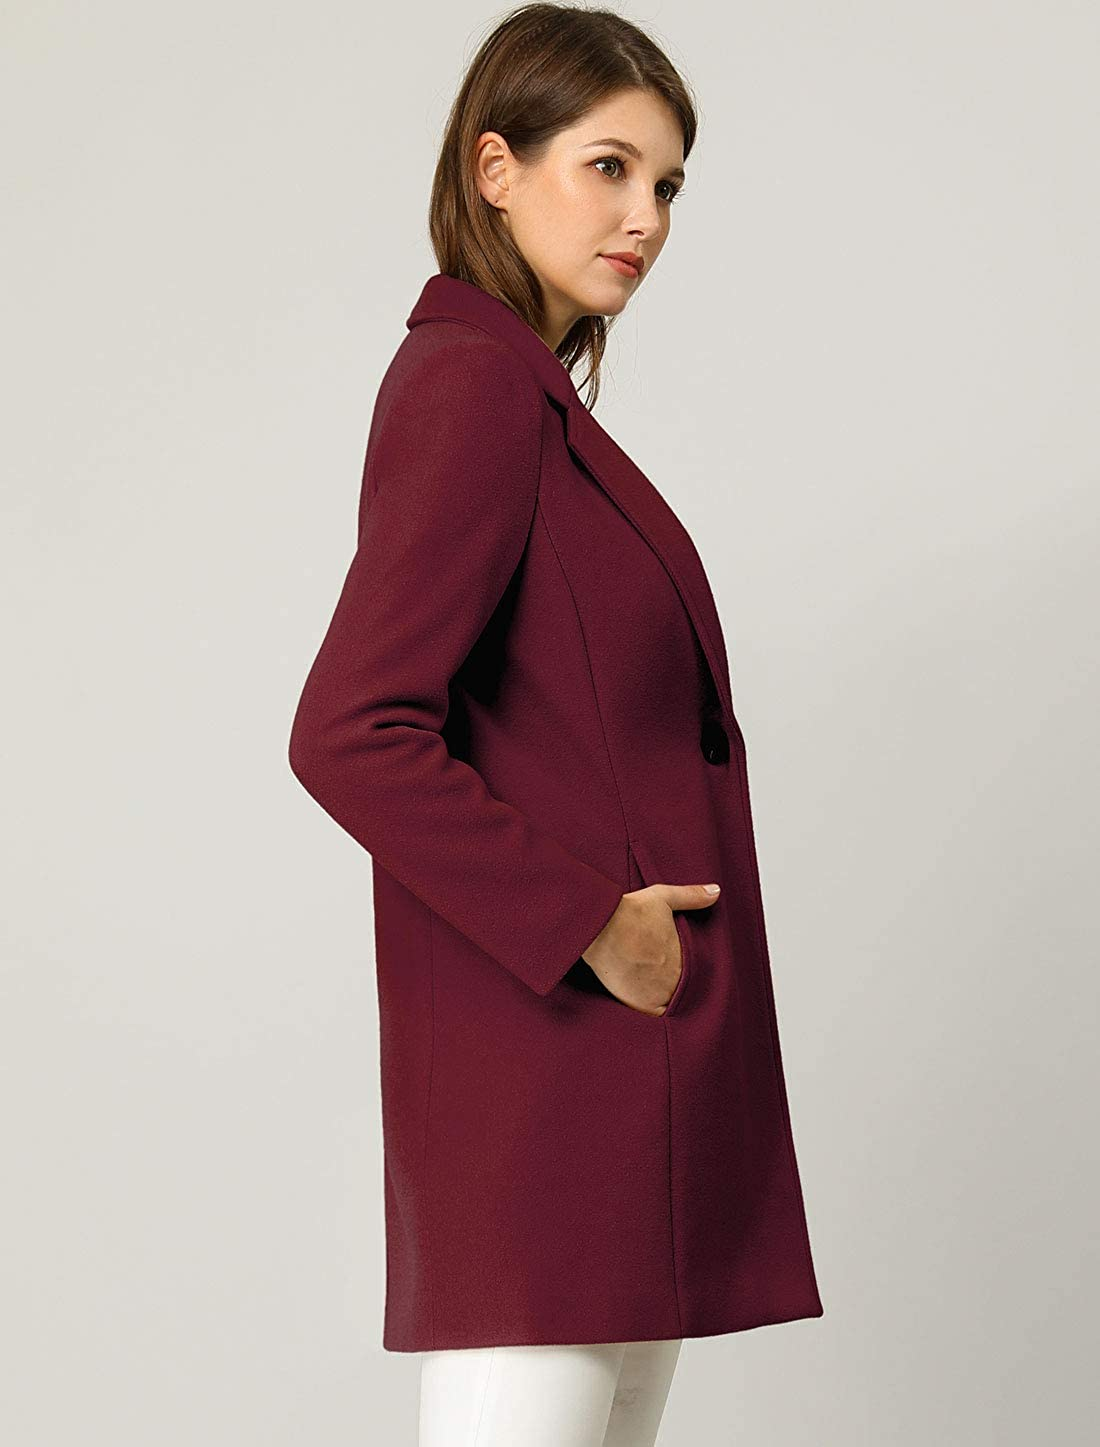 Allegra K Damen Langarm Umlegekragen Button Trenchcoat Mantel Burgundy